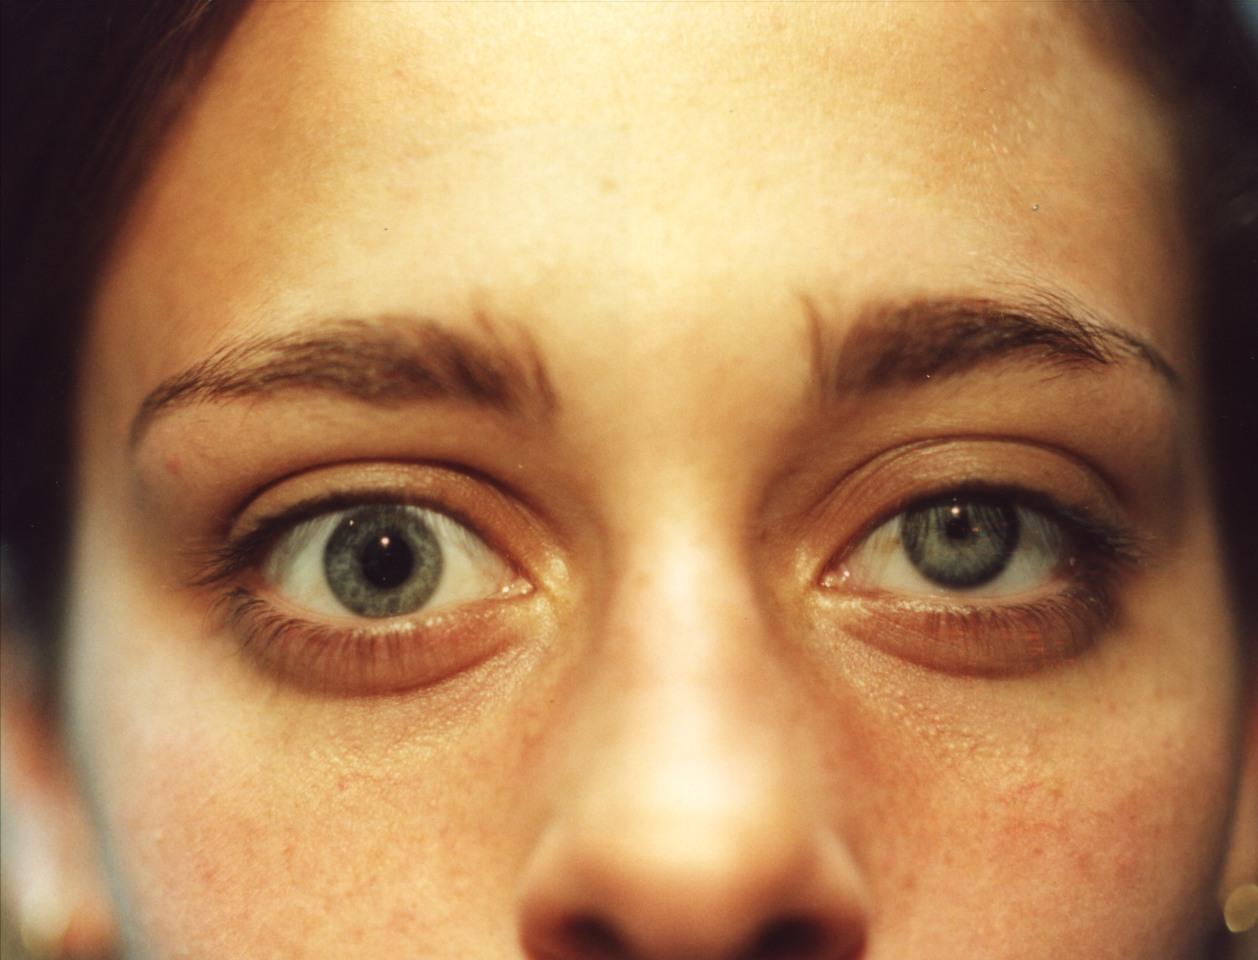 Las lentes las bolsas en los ojos